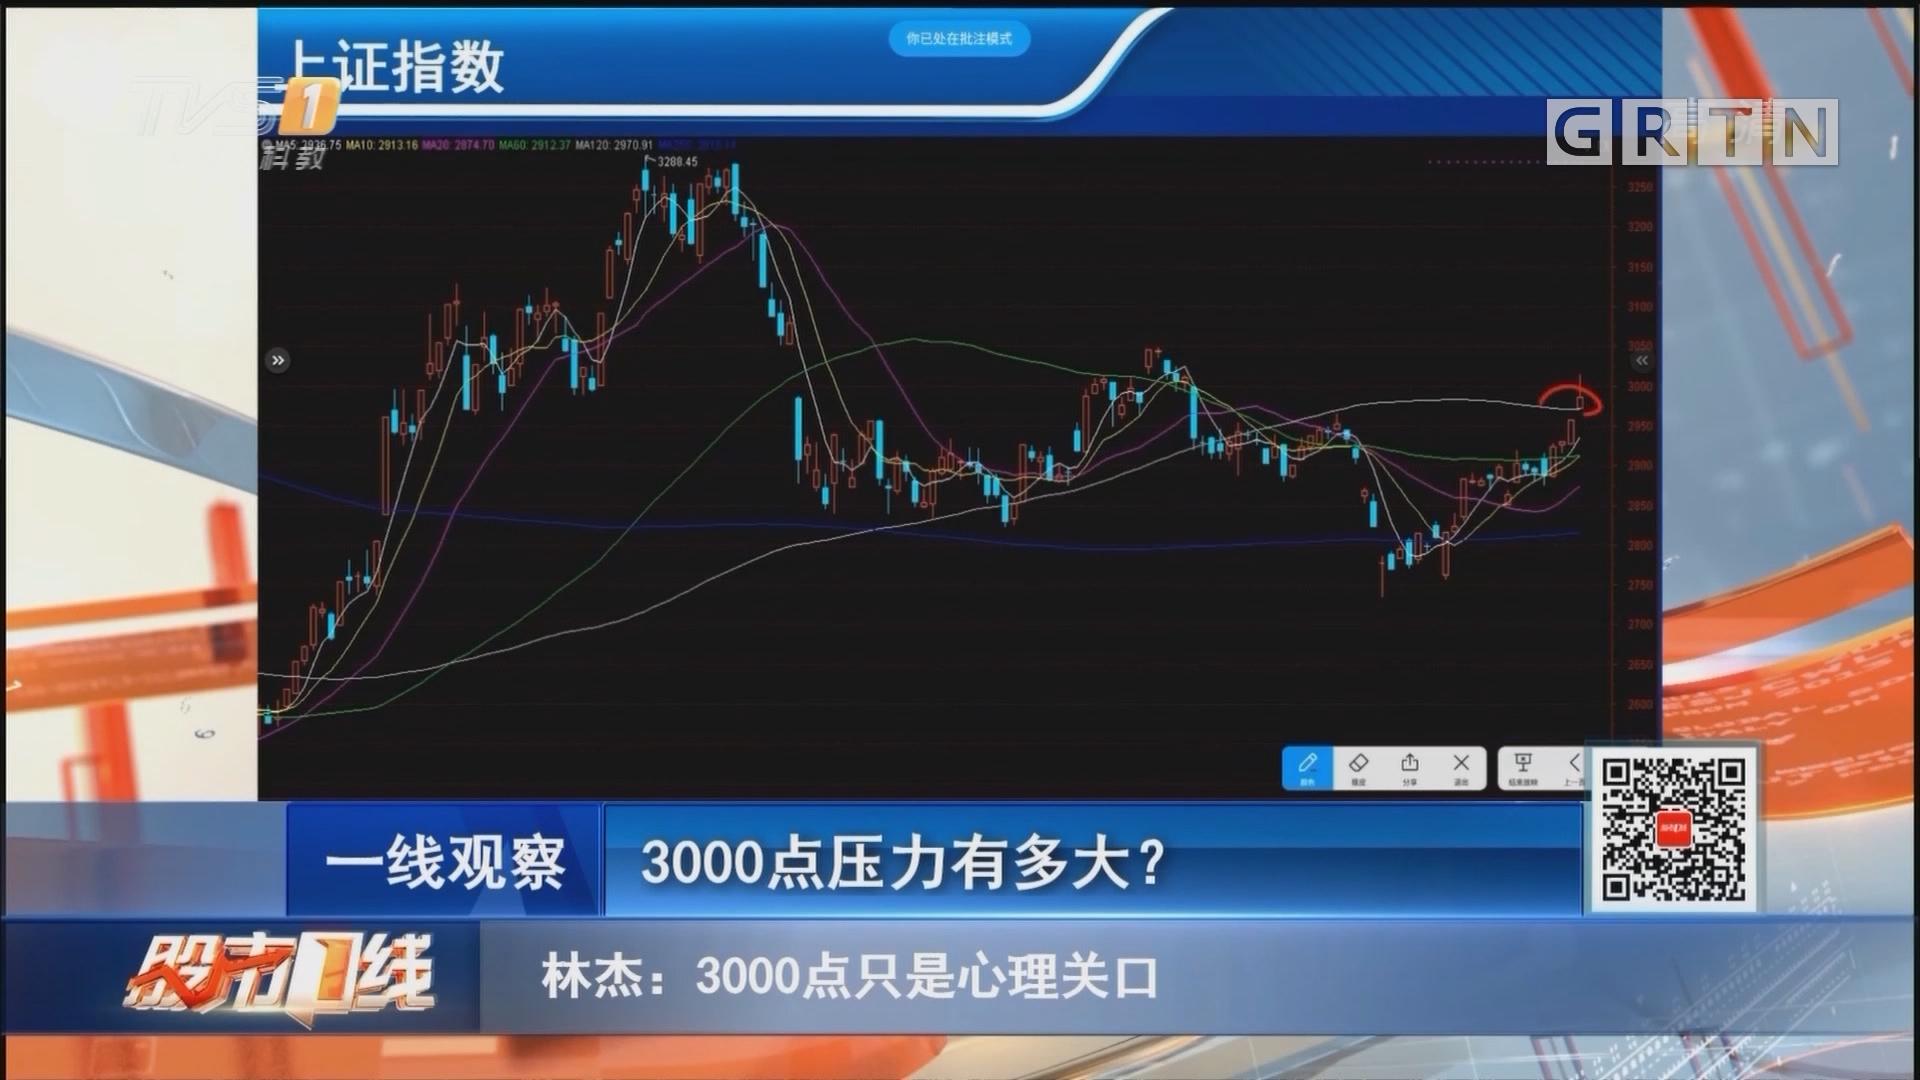 [HD][2019-09-05]股市一线:3000点压力有多大?